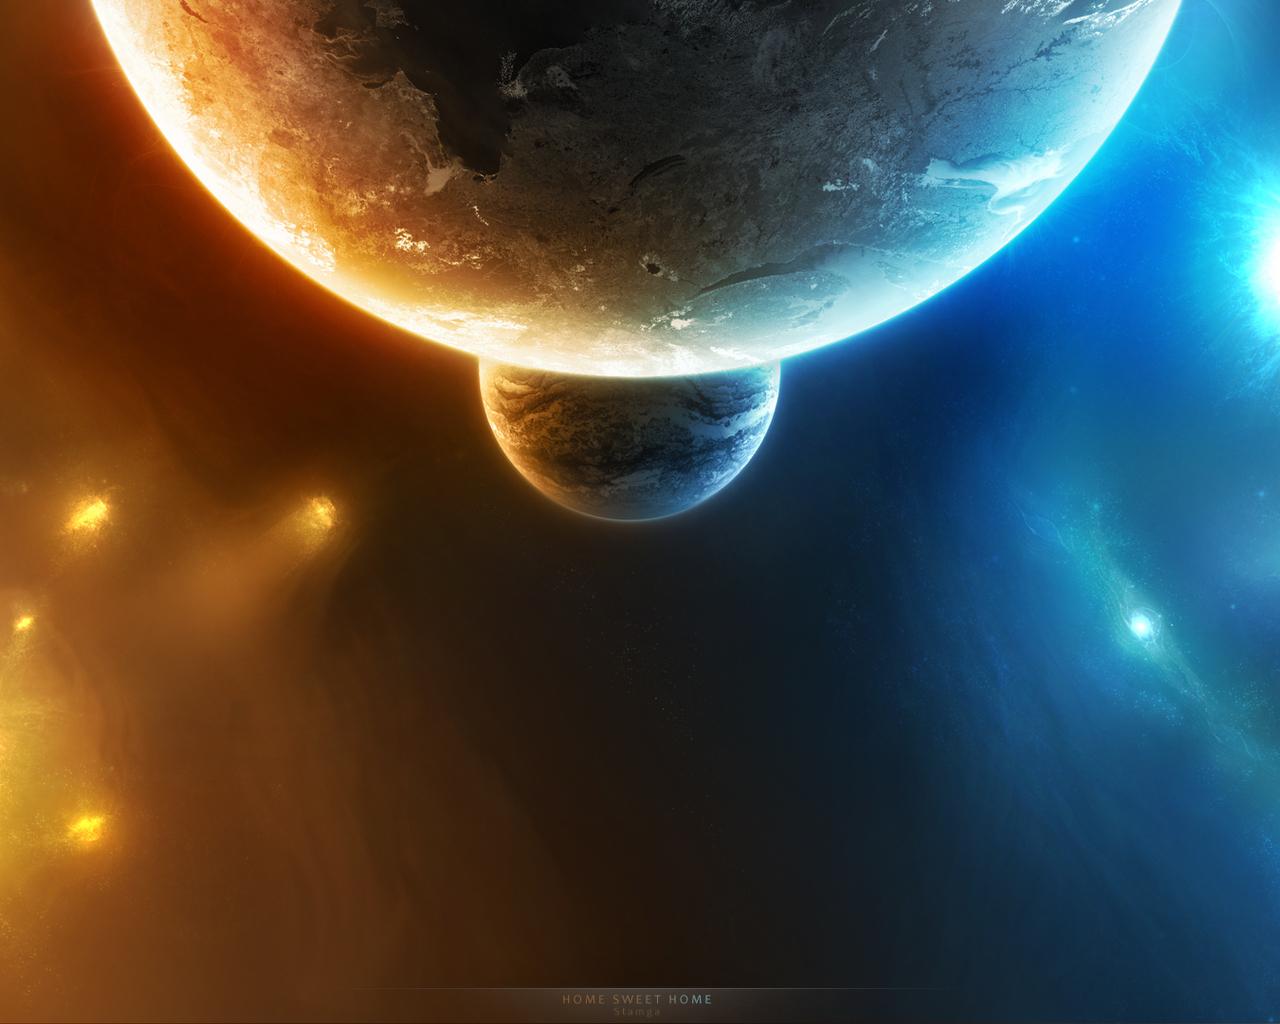 17908 скачать обои Пейзаж, Планеты, Космос - заставки и картинки бесплатно